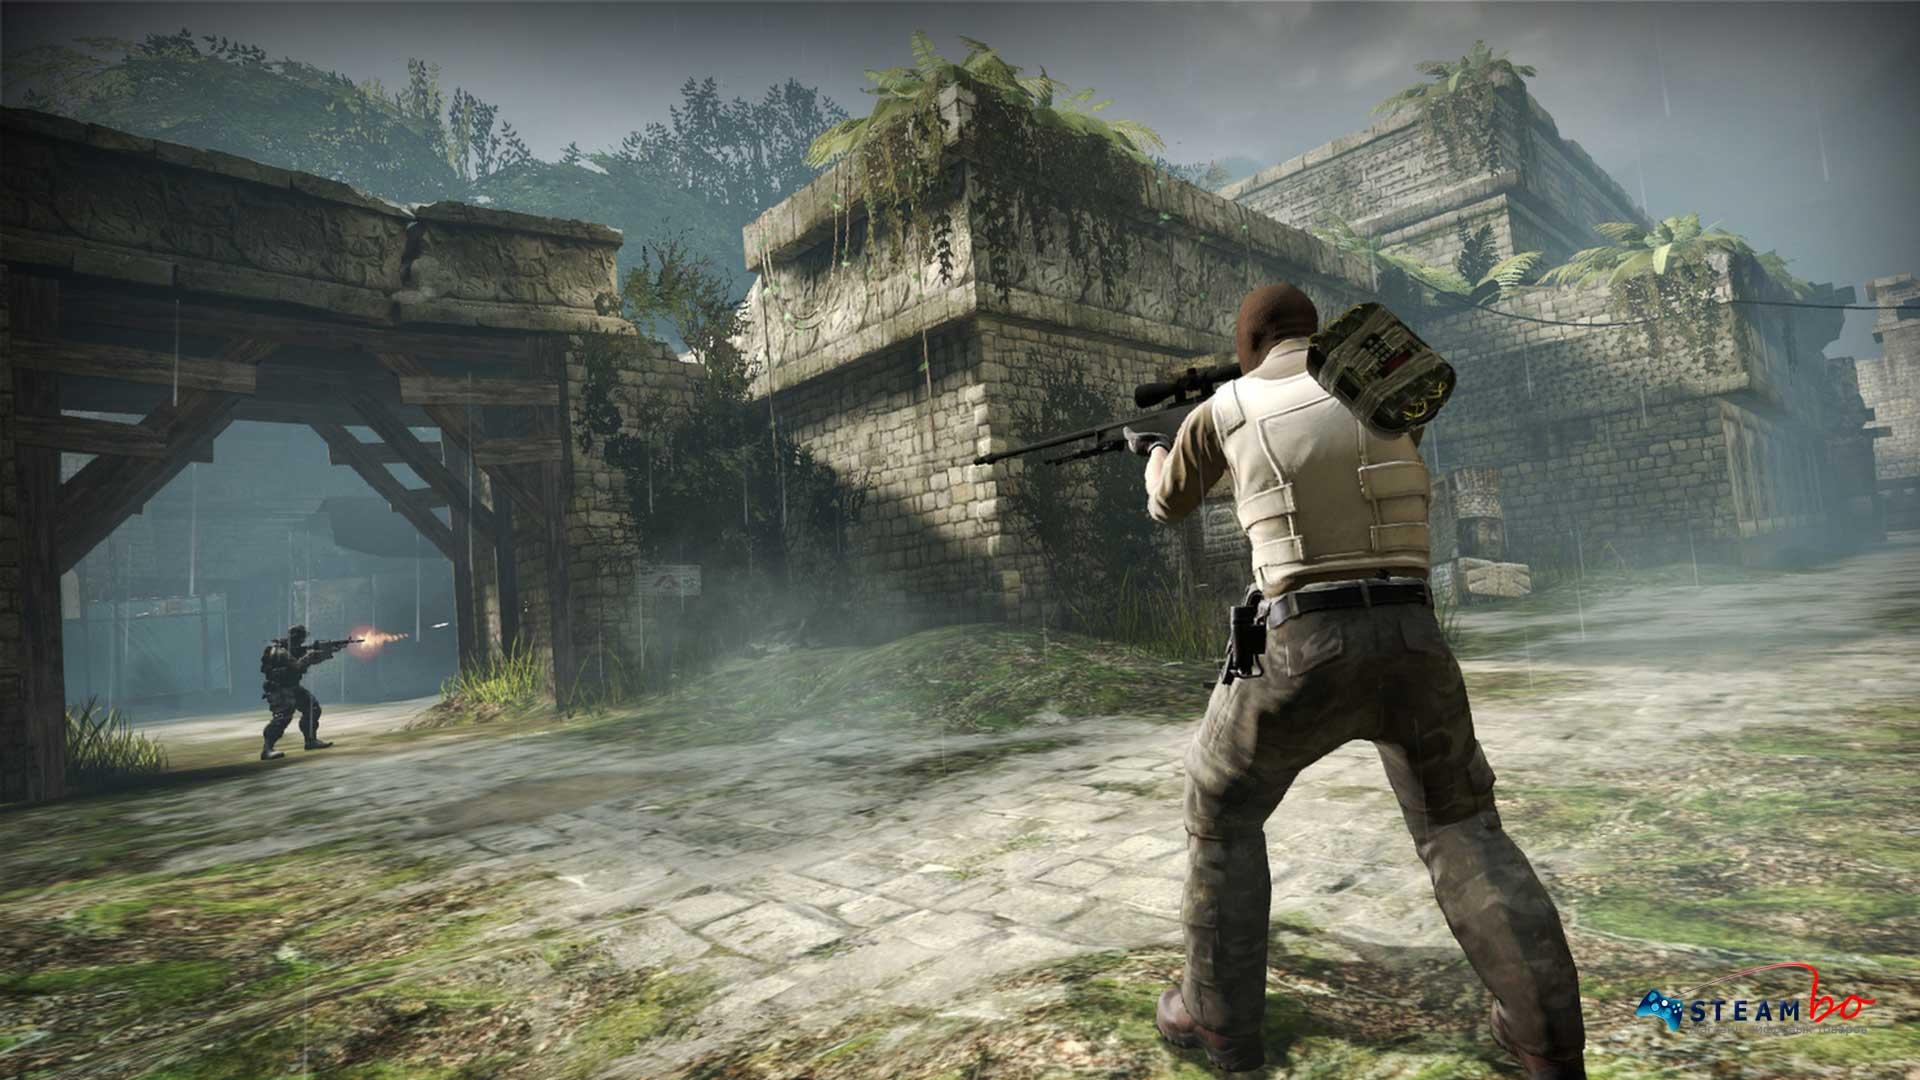 После оплаты Вы получаете ключ игры Counter-Strike Global Offensive